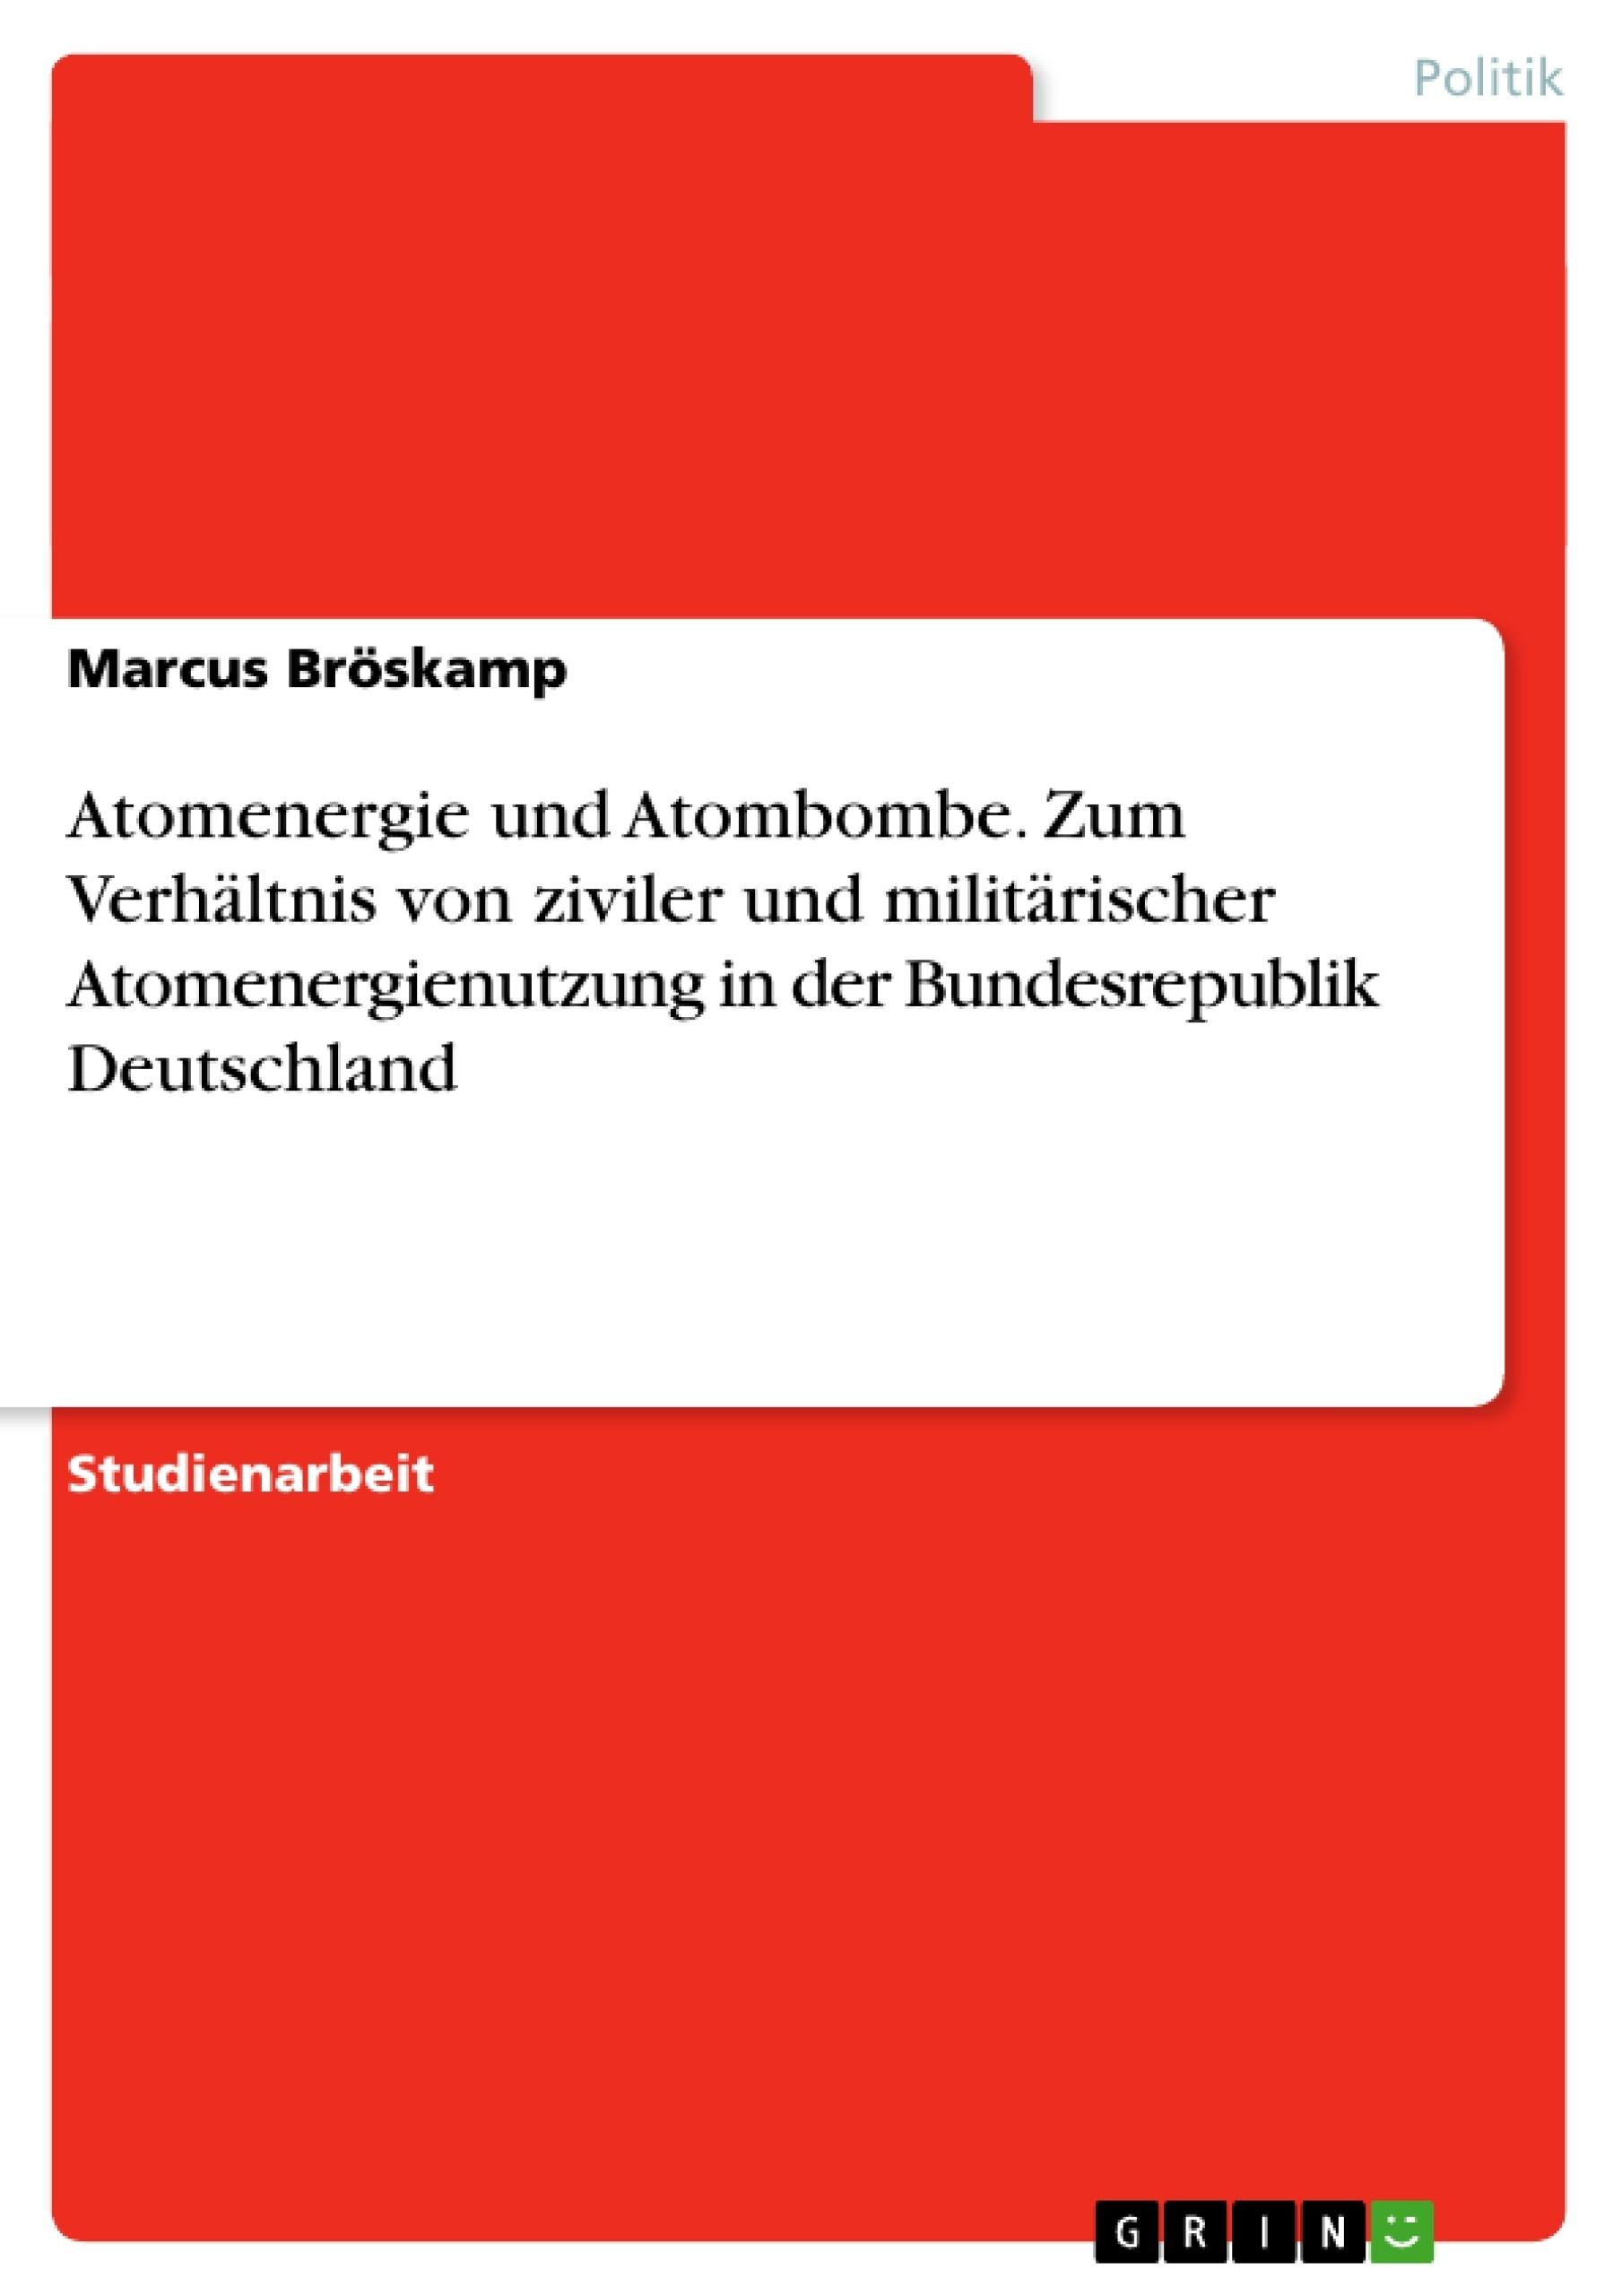 Titel: Atomenergie und Atombombe. Zum Verhältnis von ziviler und militärischer Atomenergienutzung in der Bundesrepublik Deutschland